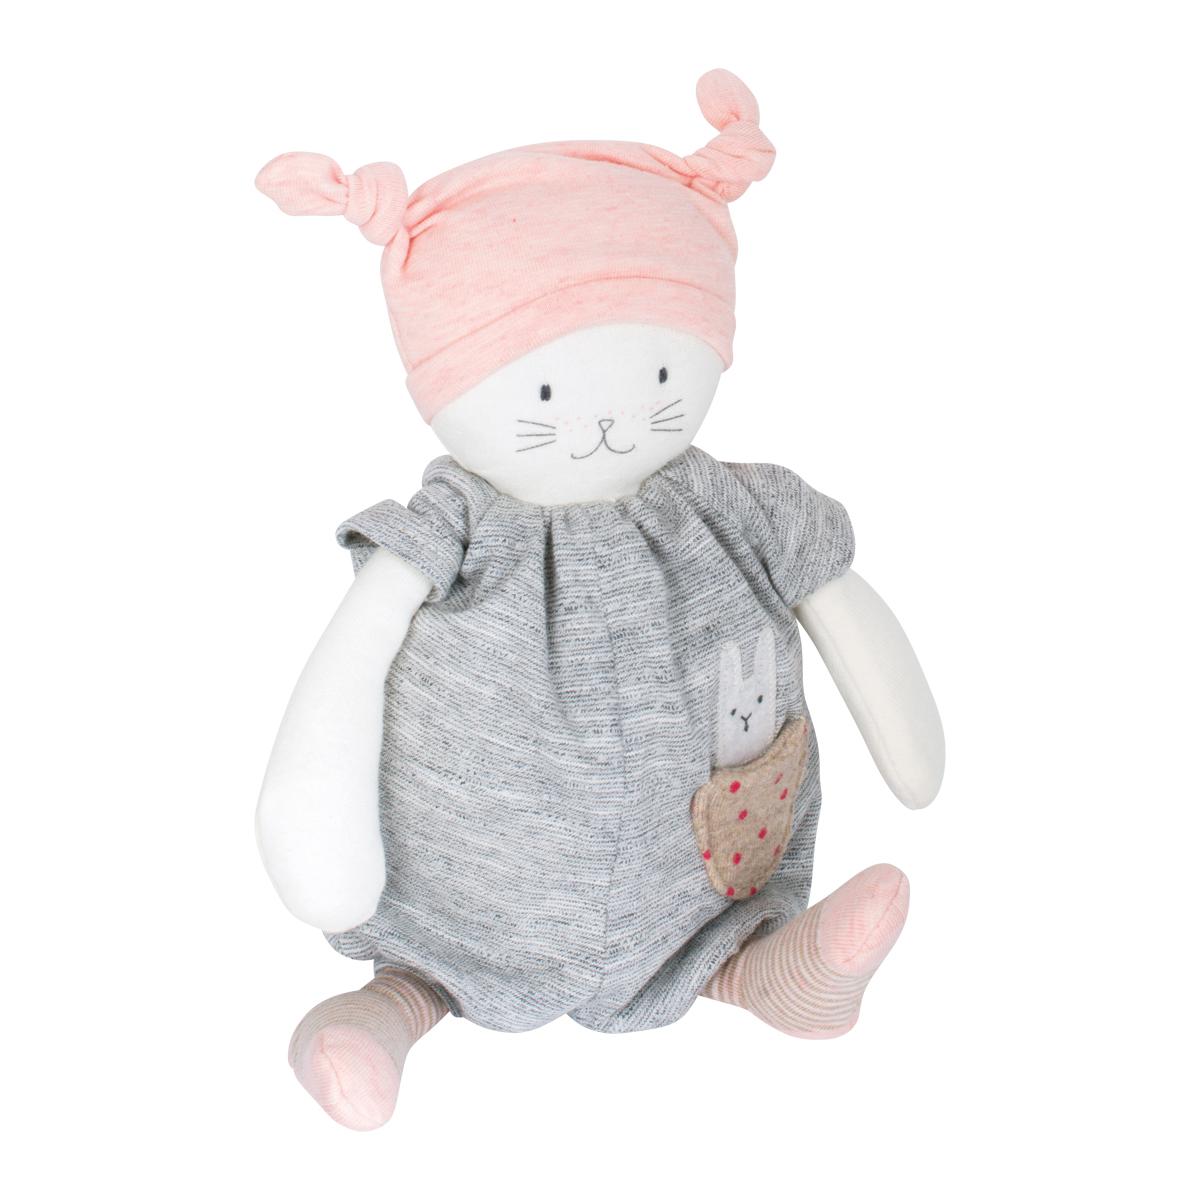 「プティ・ドゥードゥー」オルゴール ピンク帽子の妖精